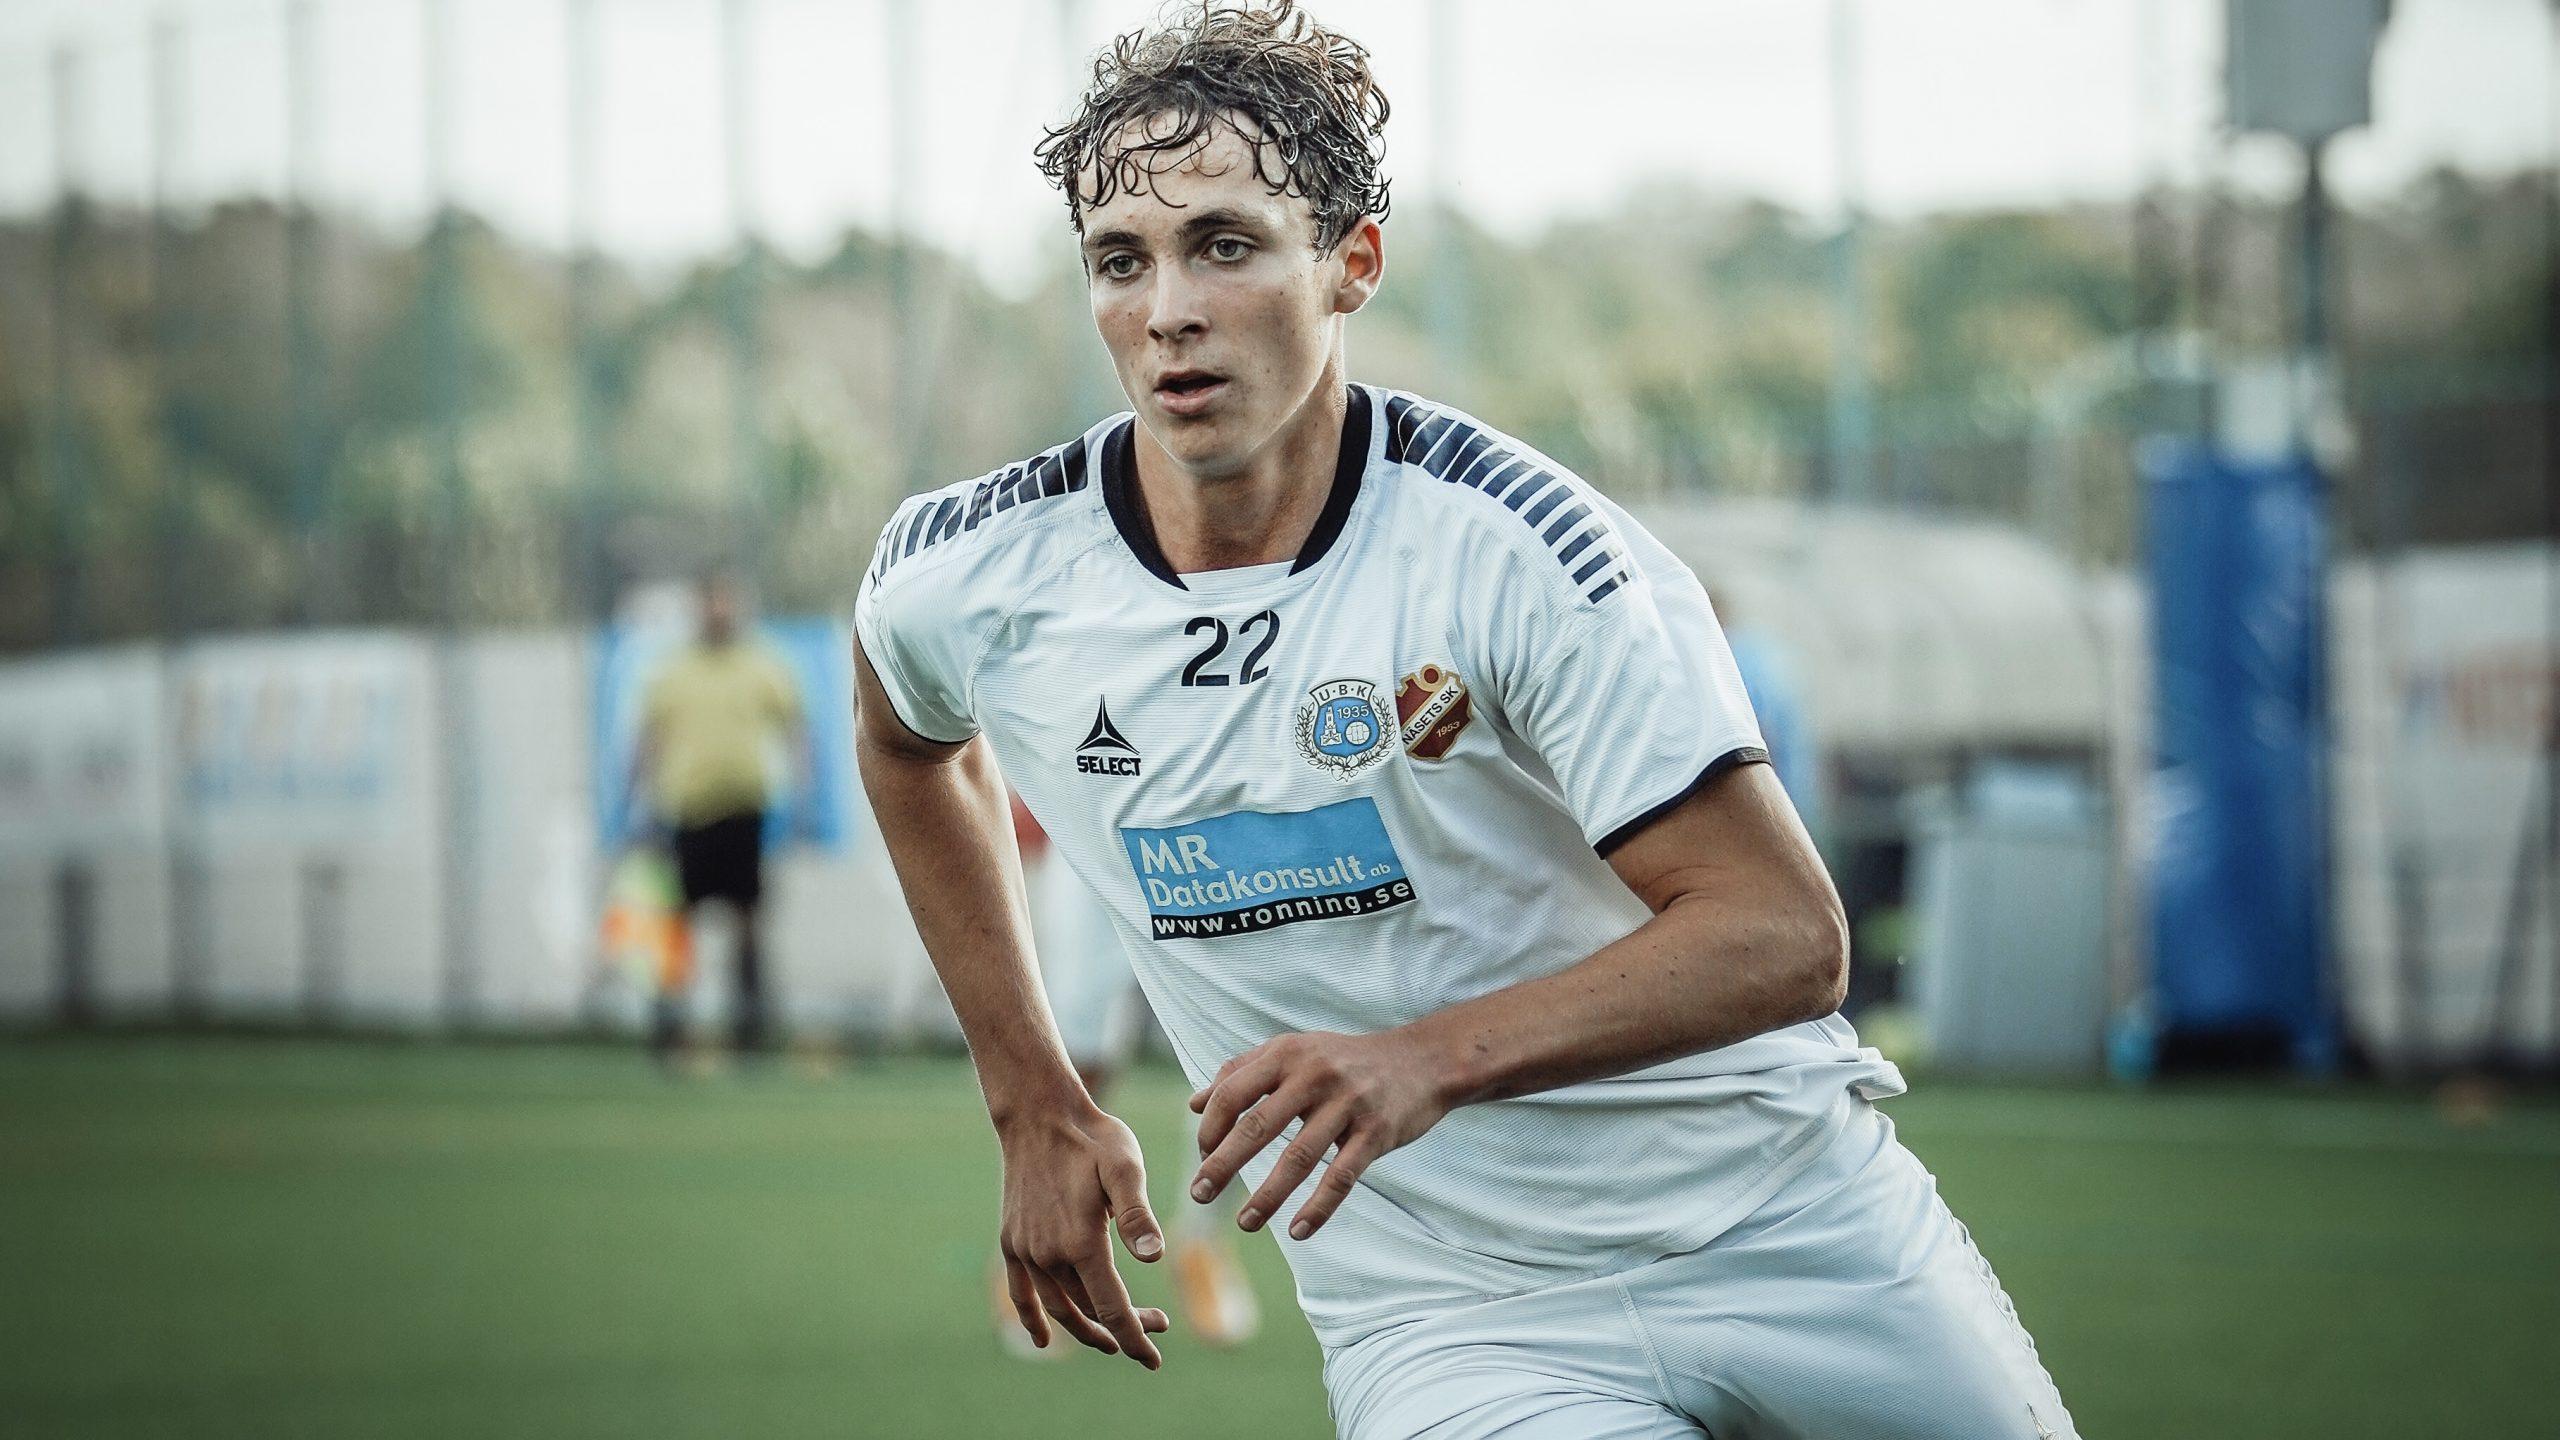 Utsiktens BK skriver avtal med Lukas Johansson